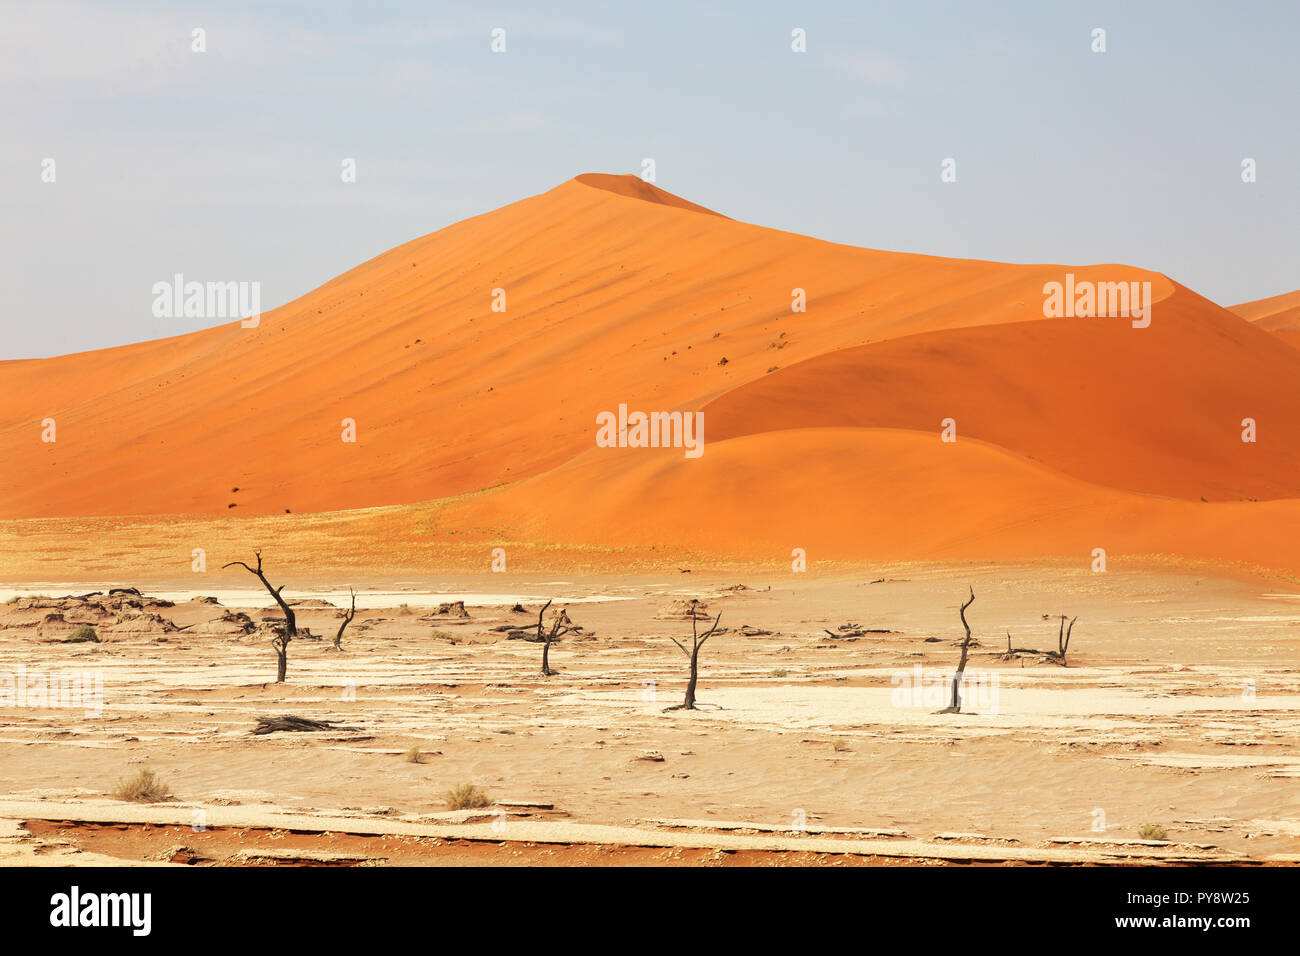 La Namibie désert - dunes de sable de Sossusvlei, Désert du Namib paysage , la Namibie, Afrique du Sud Banque D'Images